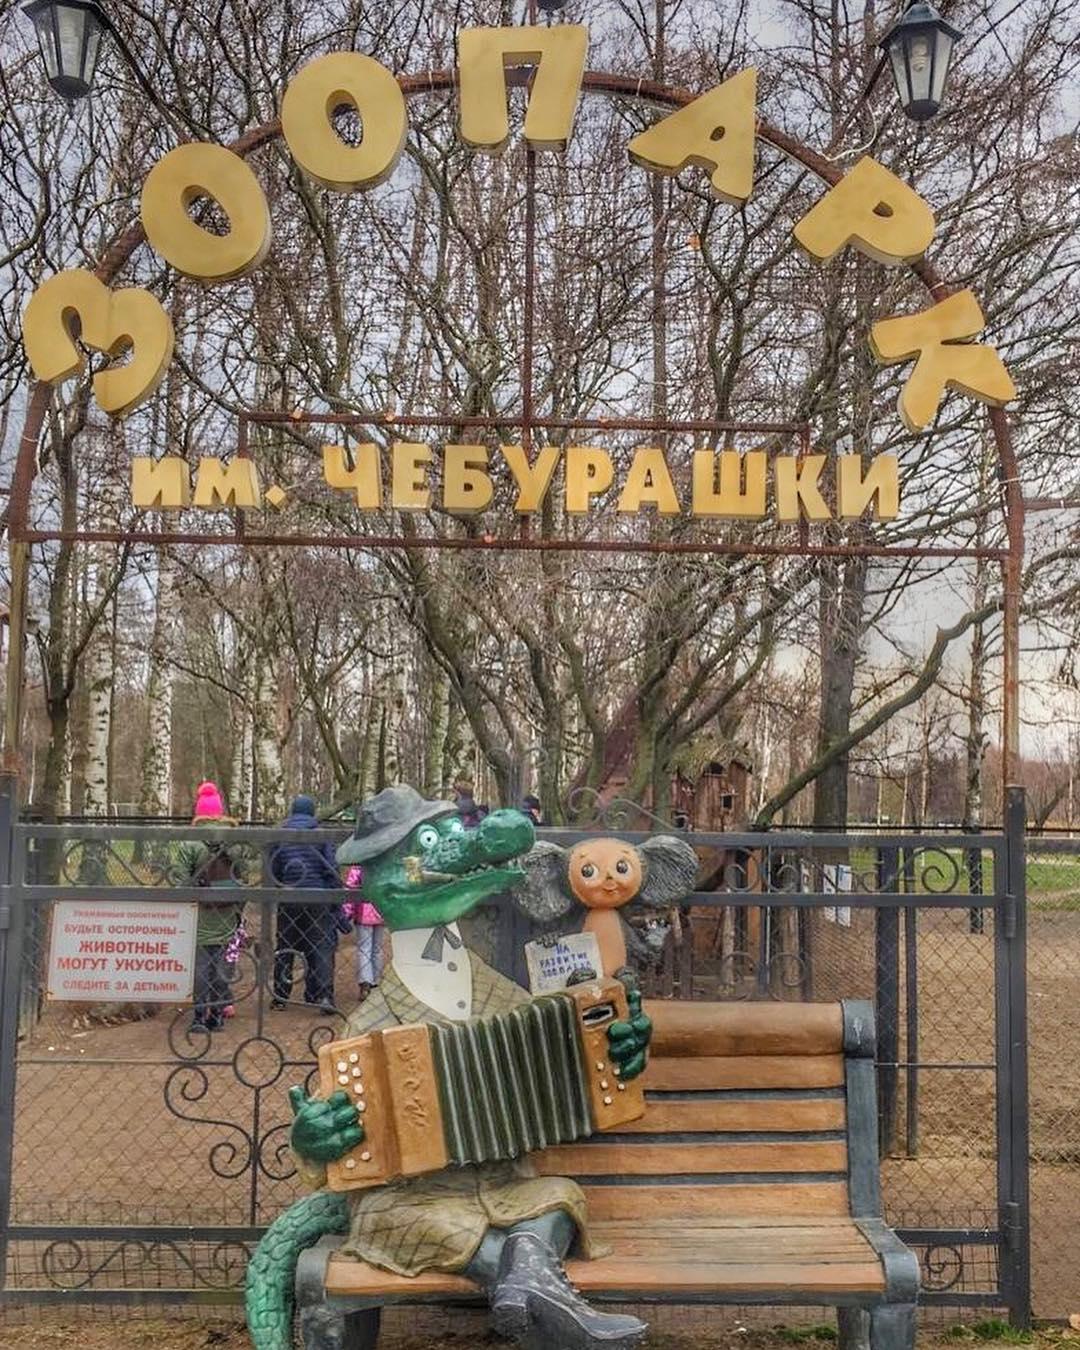 Зоопарк имени Чебурашки